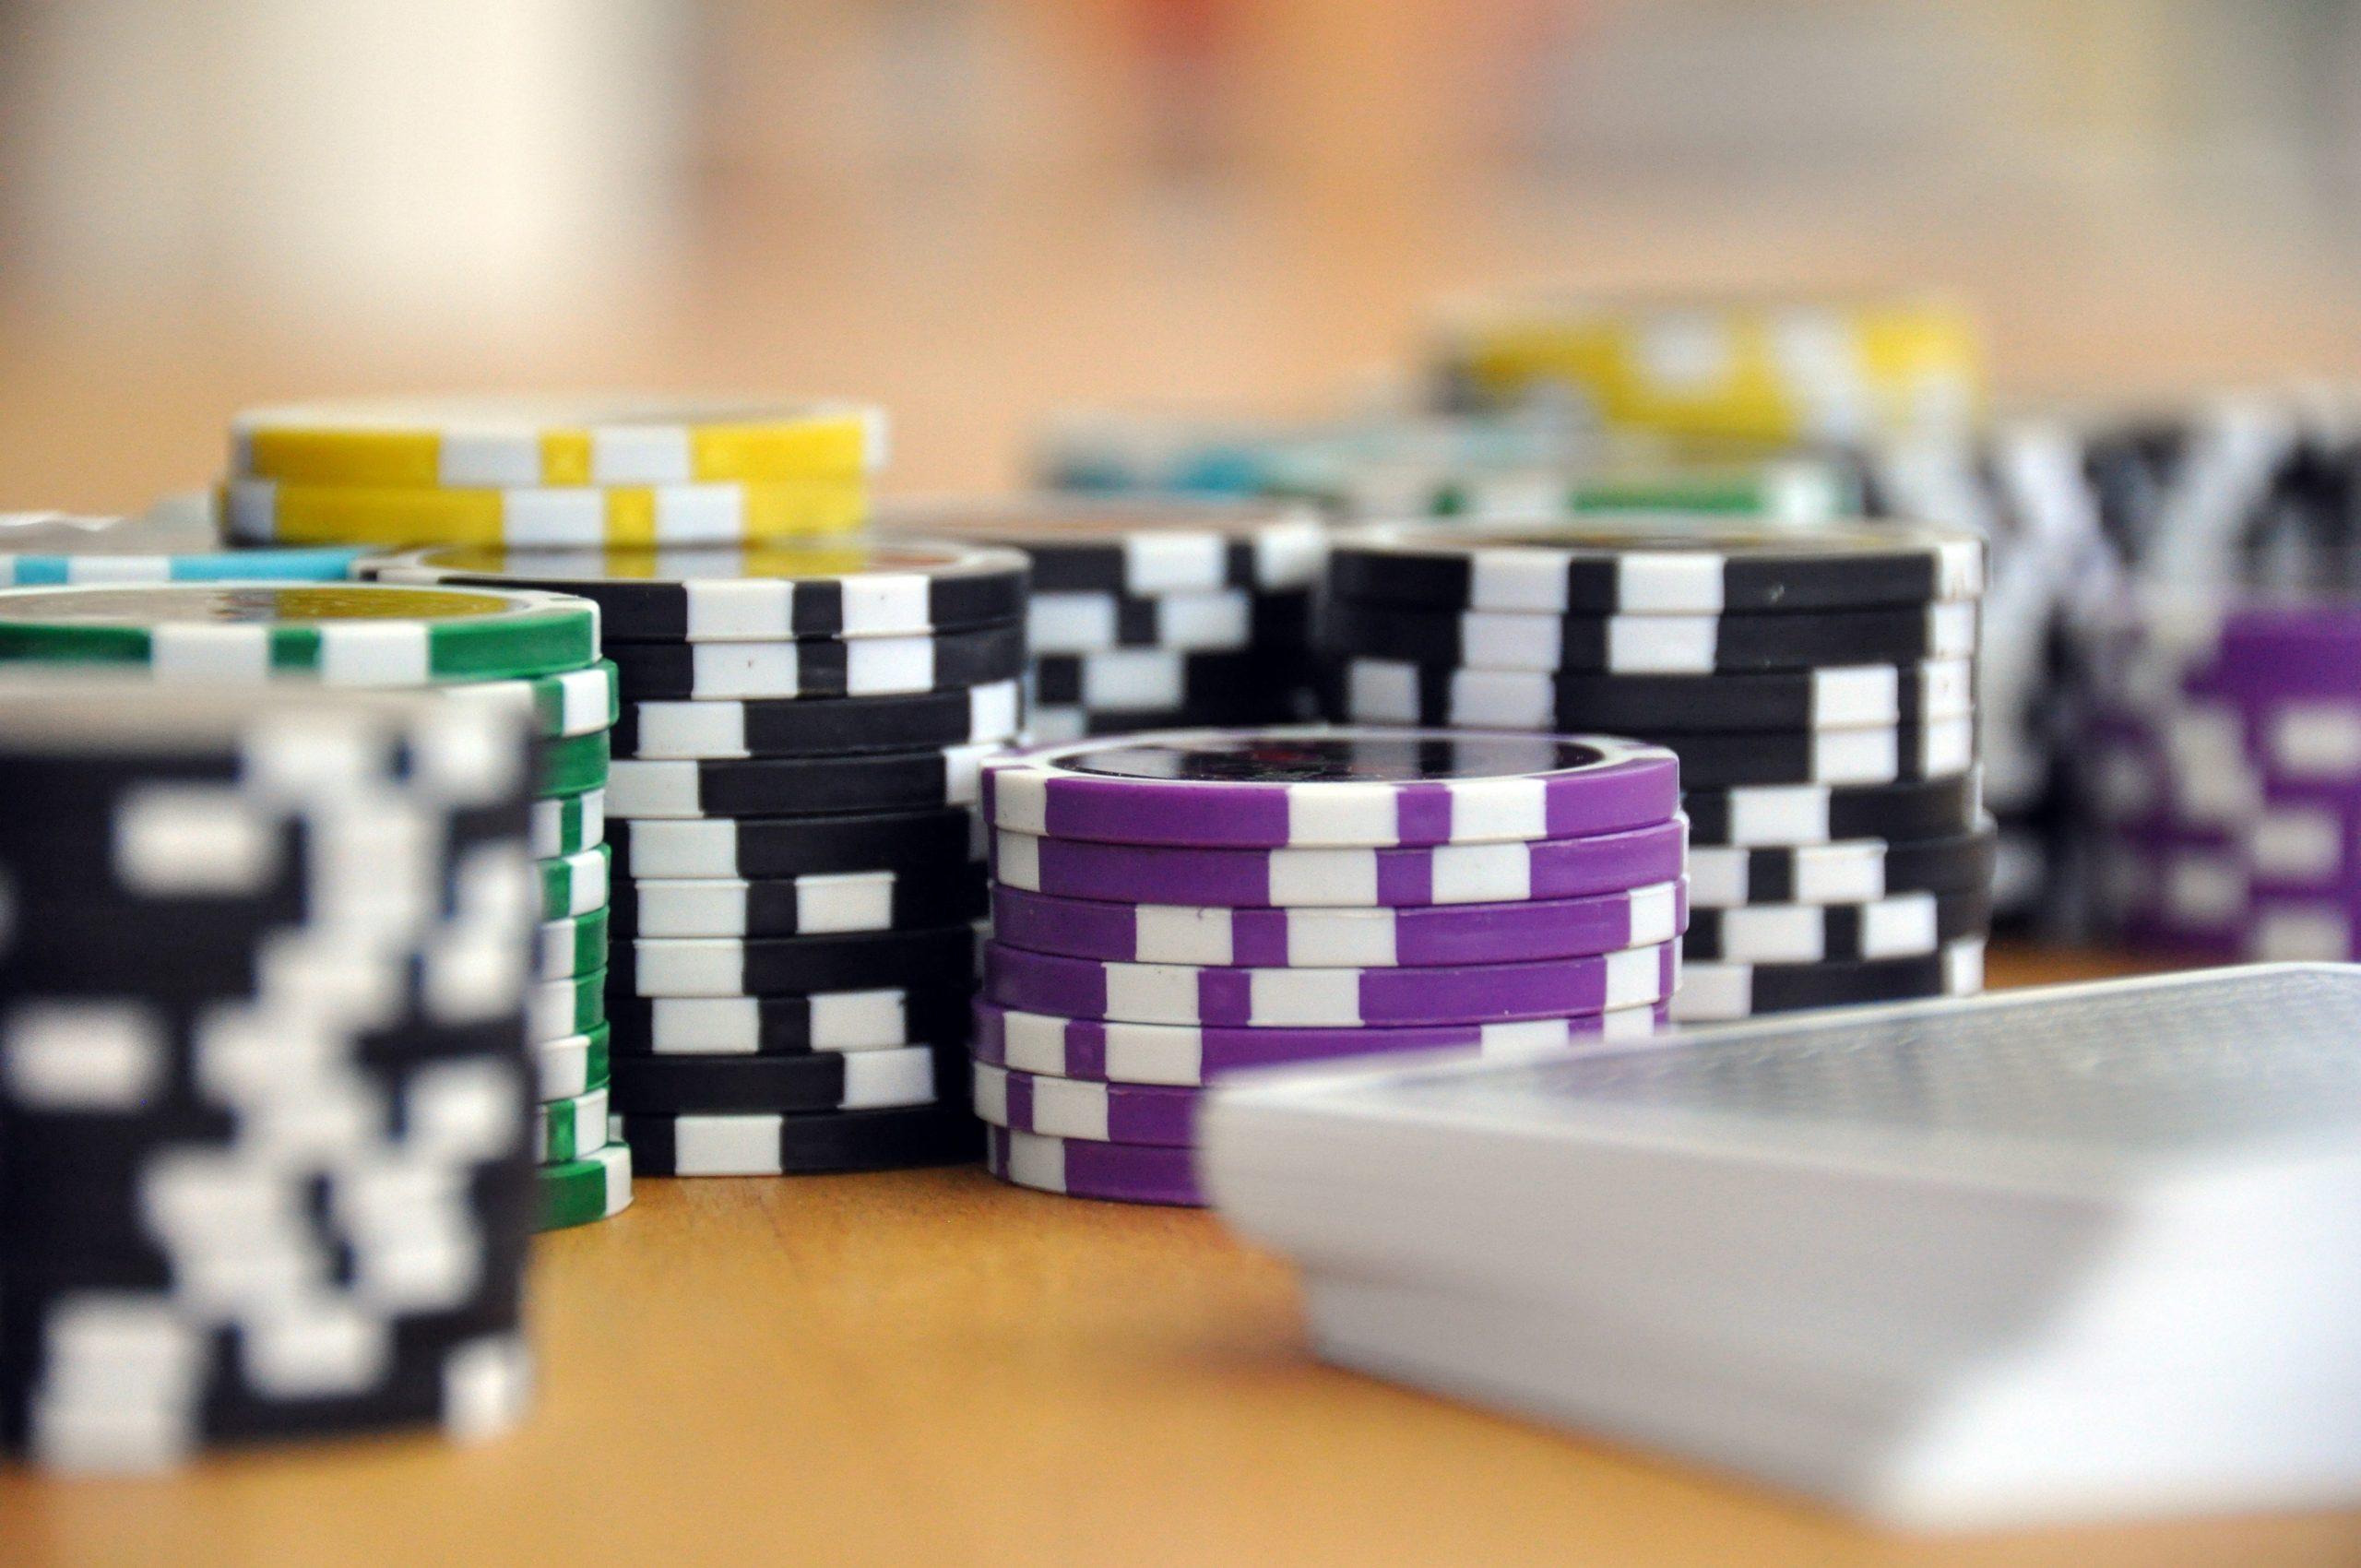 Borgata Free casino